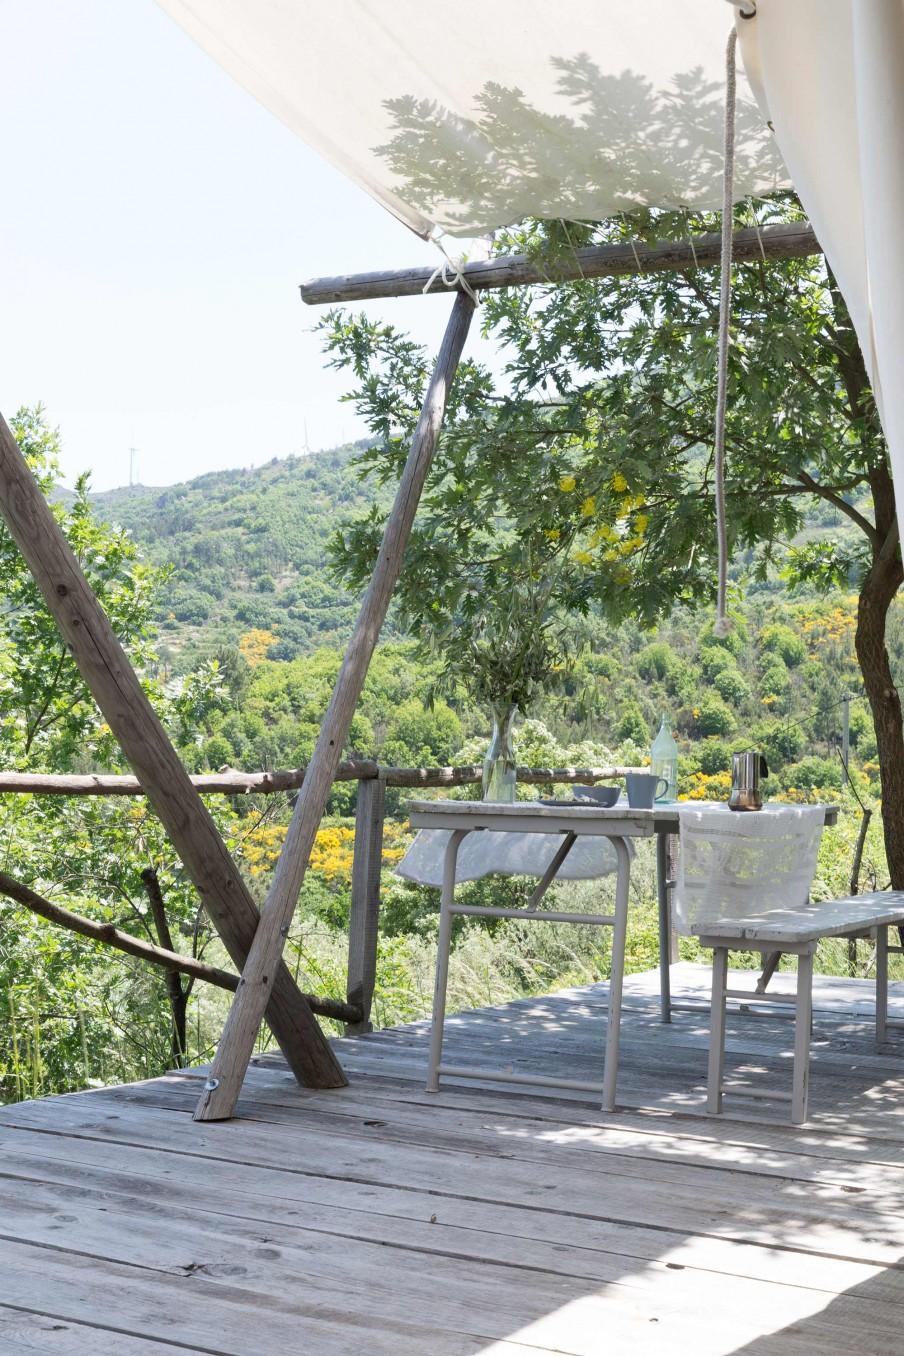 vivre-dehors-tente-glamping-portugal-9